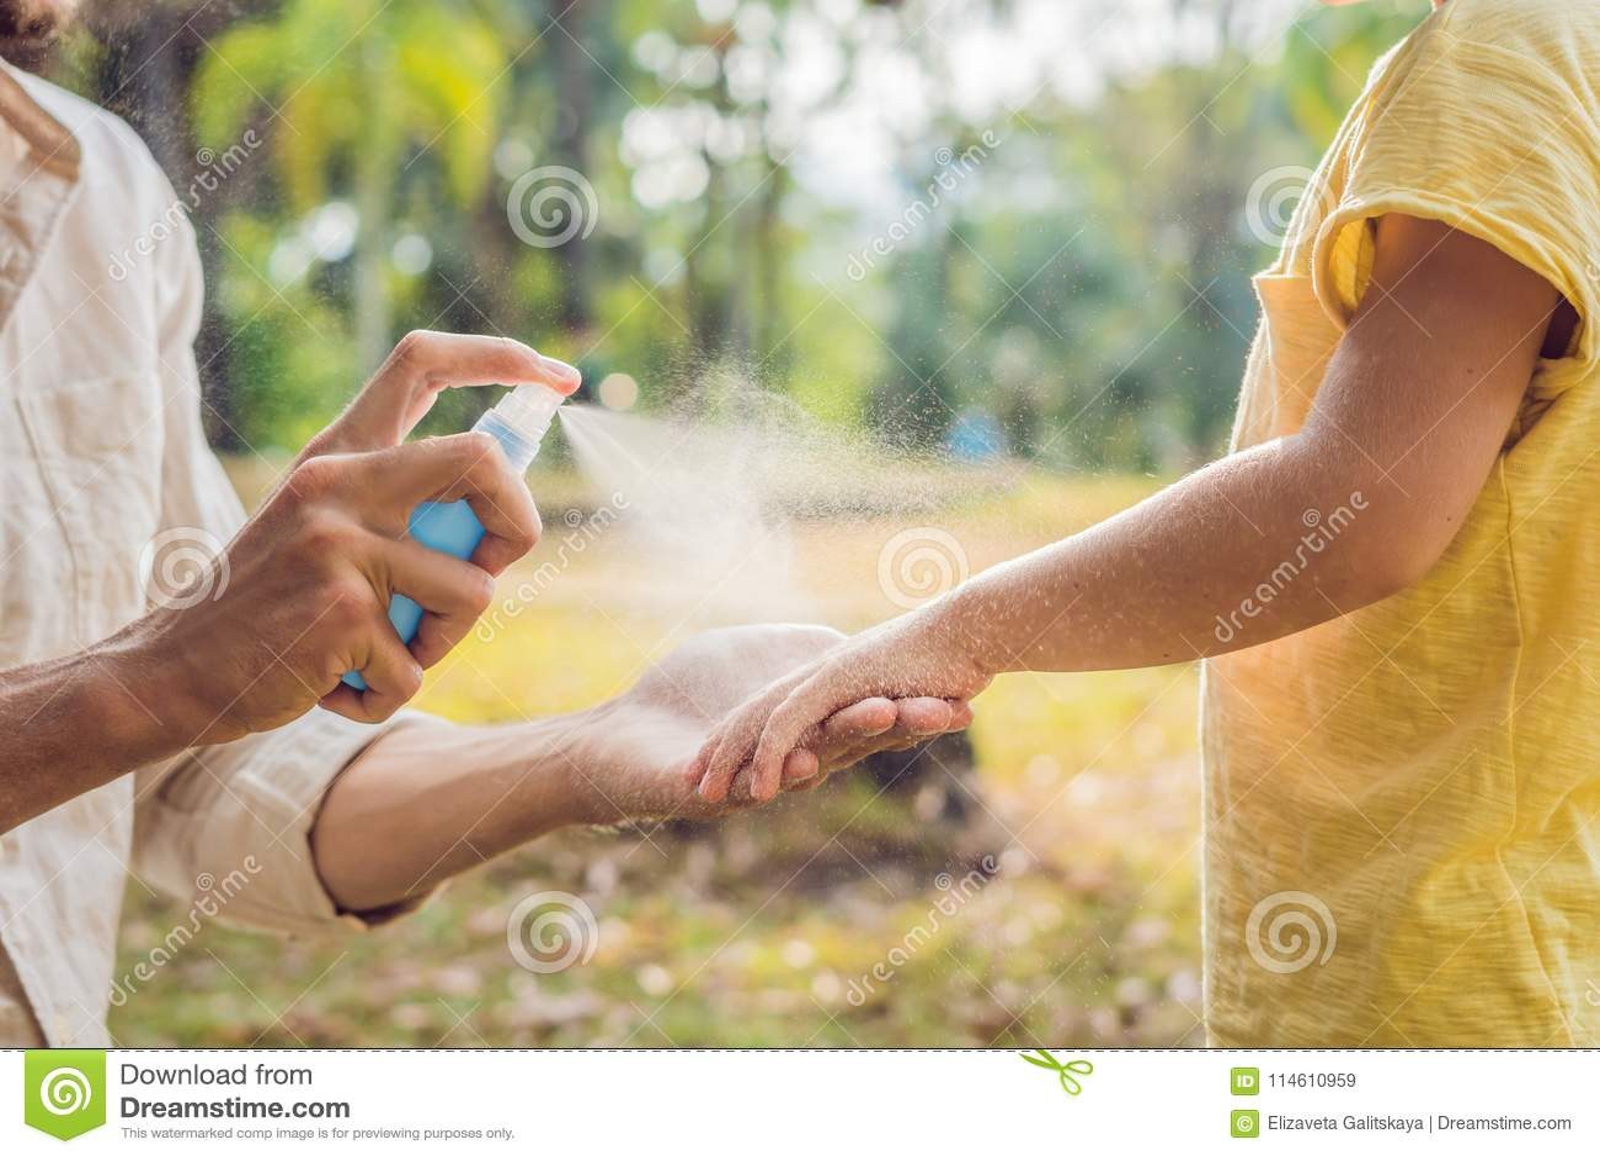 Papa en zoons de nevel van de gebruiksmug Bespuitend insektenwerend middel op huid openlucht